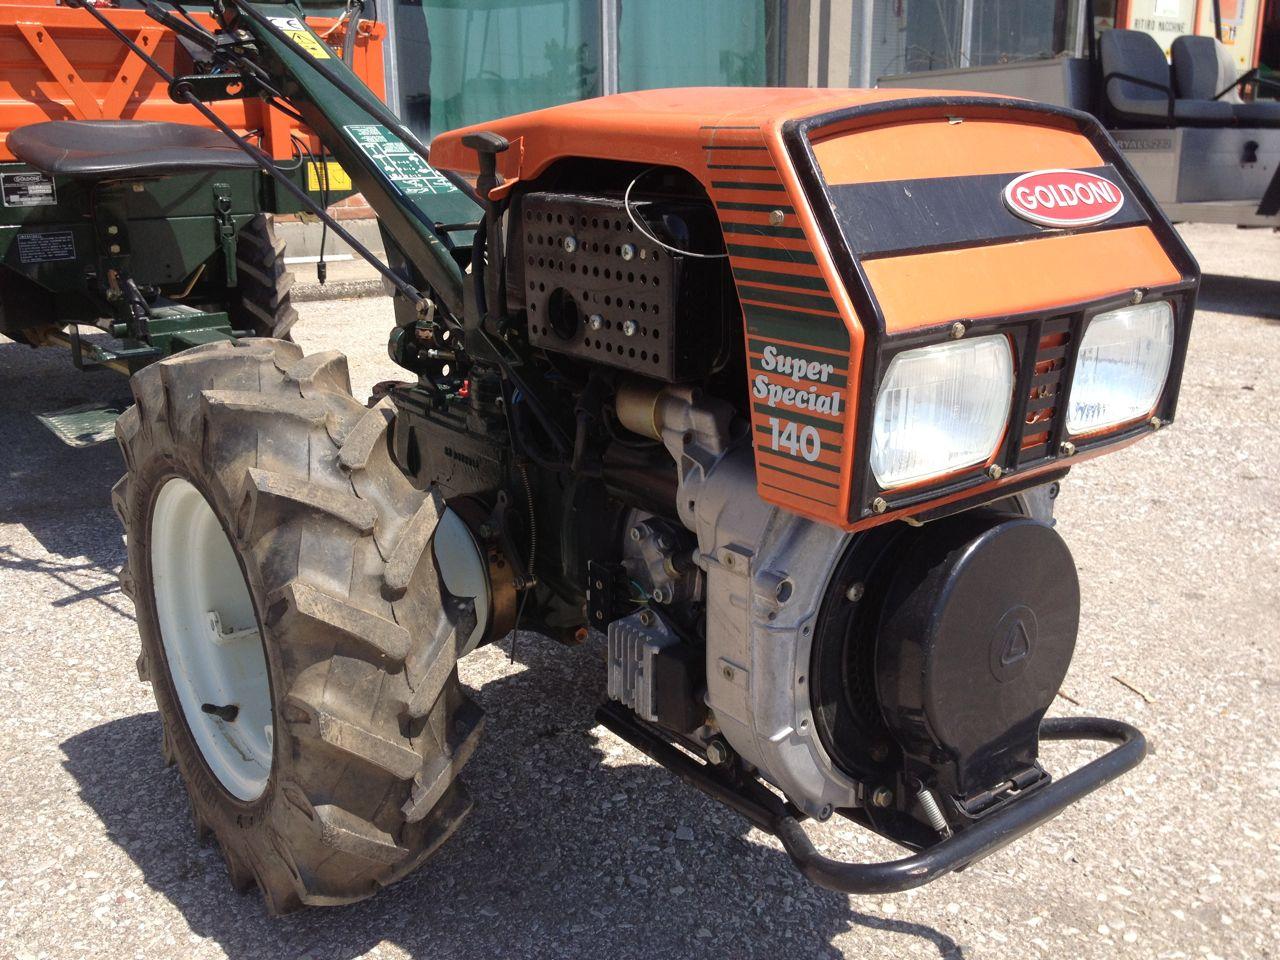 Search Results for: Motocoltivatore Goldoni Super Special 14 0 14 Cv